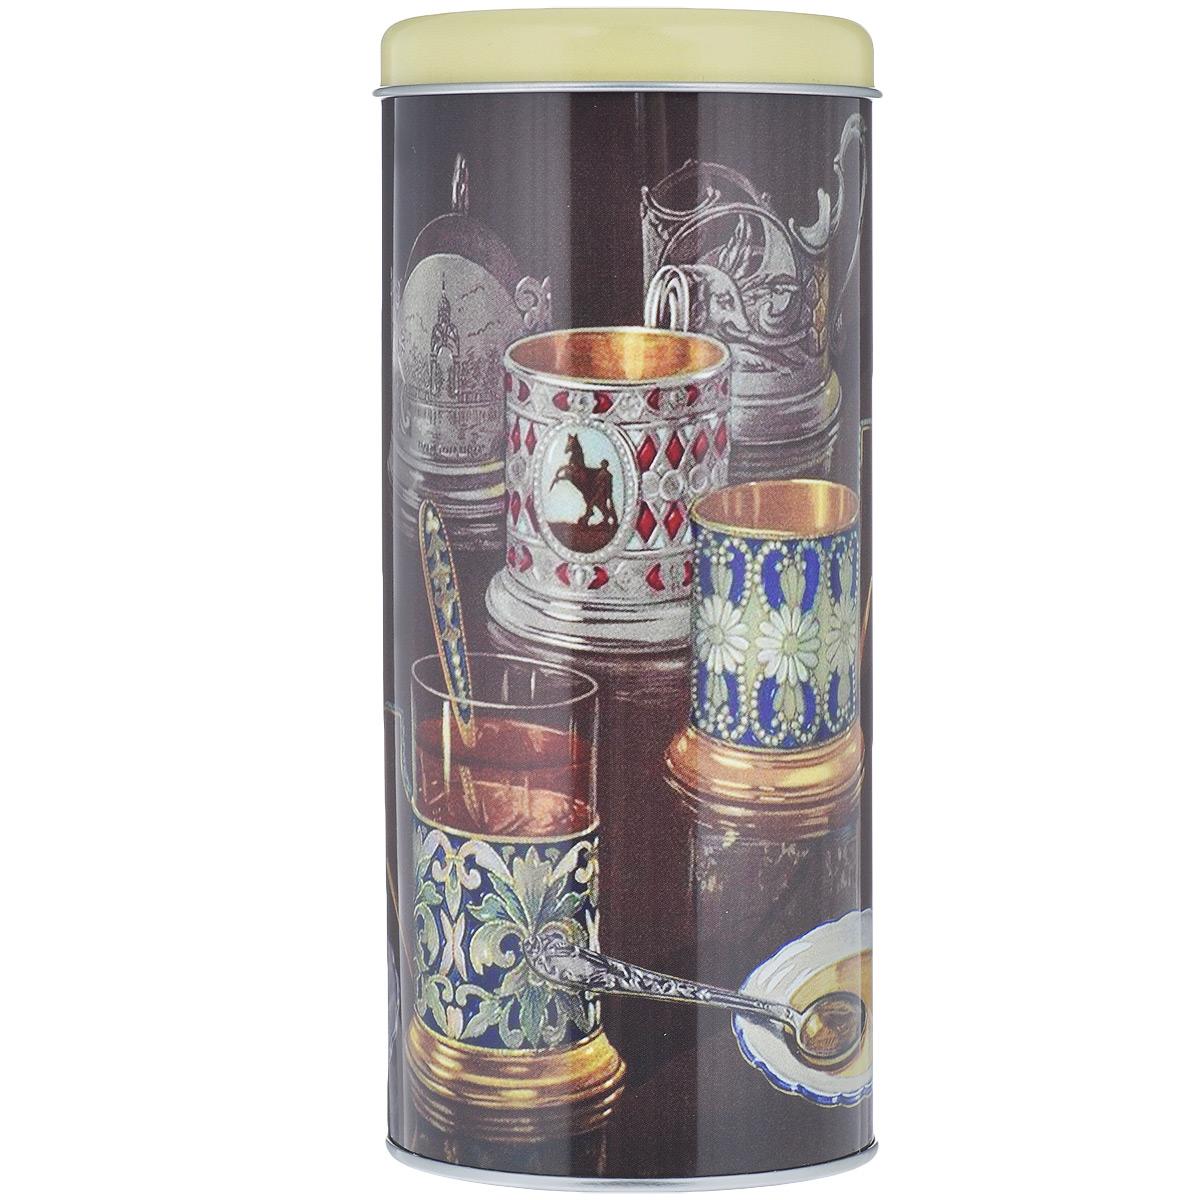 Банка для сыпучих продуктов Подстаканники, 750 мл37624подстаканникиБанка для сыпучих продуктов Подстаканники изготовлена из металла и оснащена крышкой. Корпус банки оформлен рисунком с изображением стаканов в подстаканниках. Изделие идеально подойдет для хранения чая, кофе, сахара или других сыпучих продуктов. Банка сохраняет продукты свежими и ароматными на длительное время. Функциональная и вместительная, такая банка станет незаменимым аксессуаром и стильно оформит интерьер кухни. Объем: 750 мл.